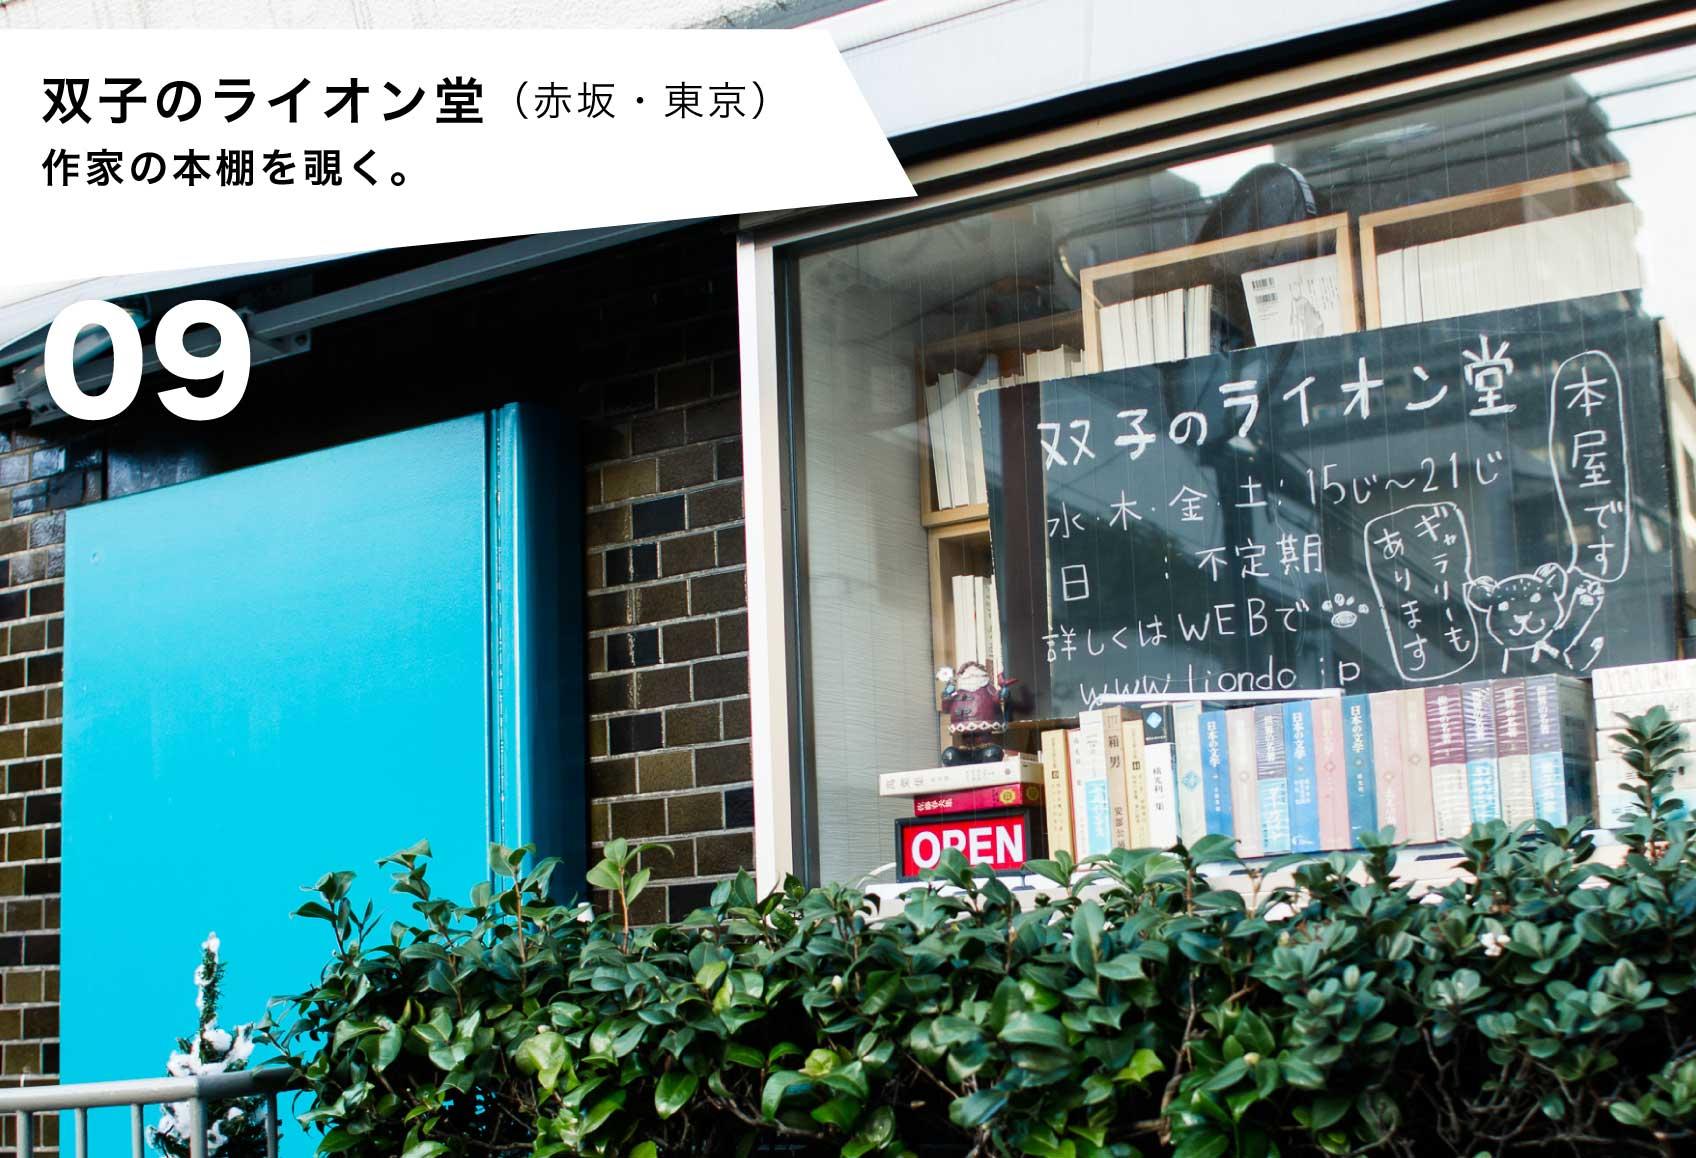 作家の本棚を覗く。 『双子のライオン堂(赤坂・東京)』